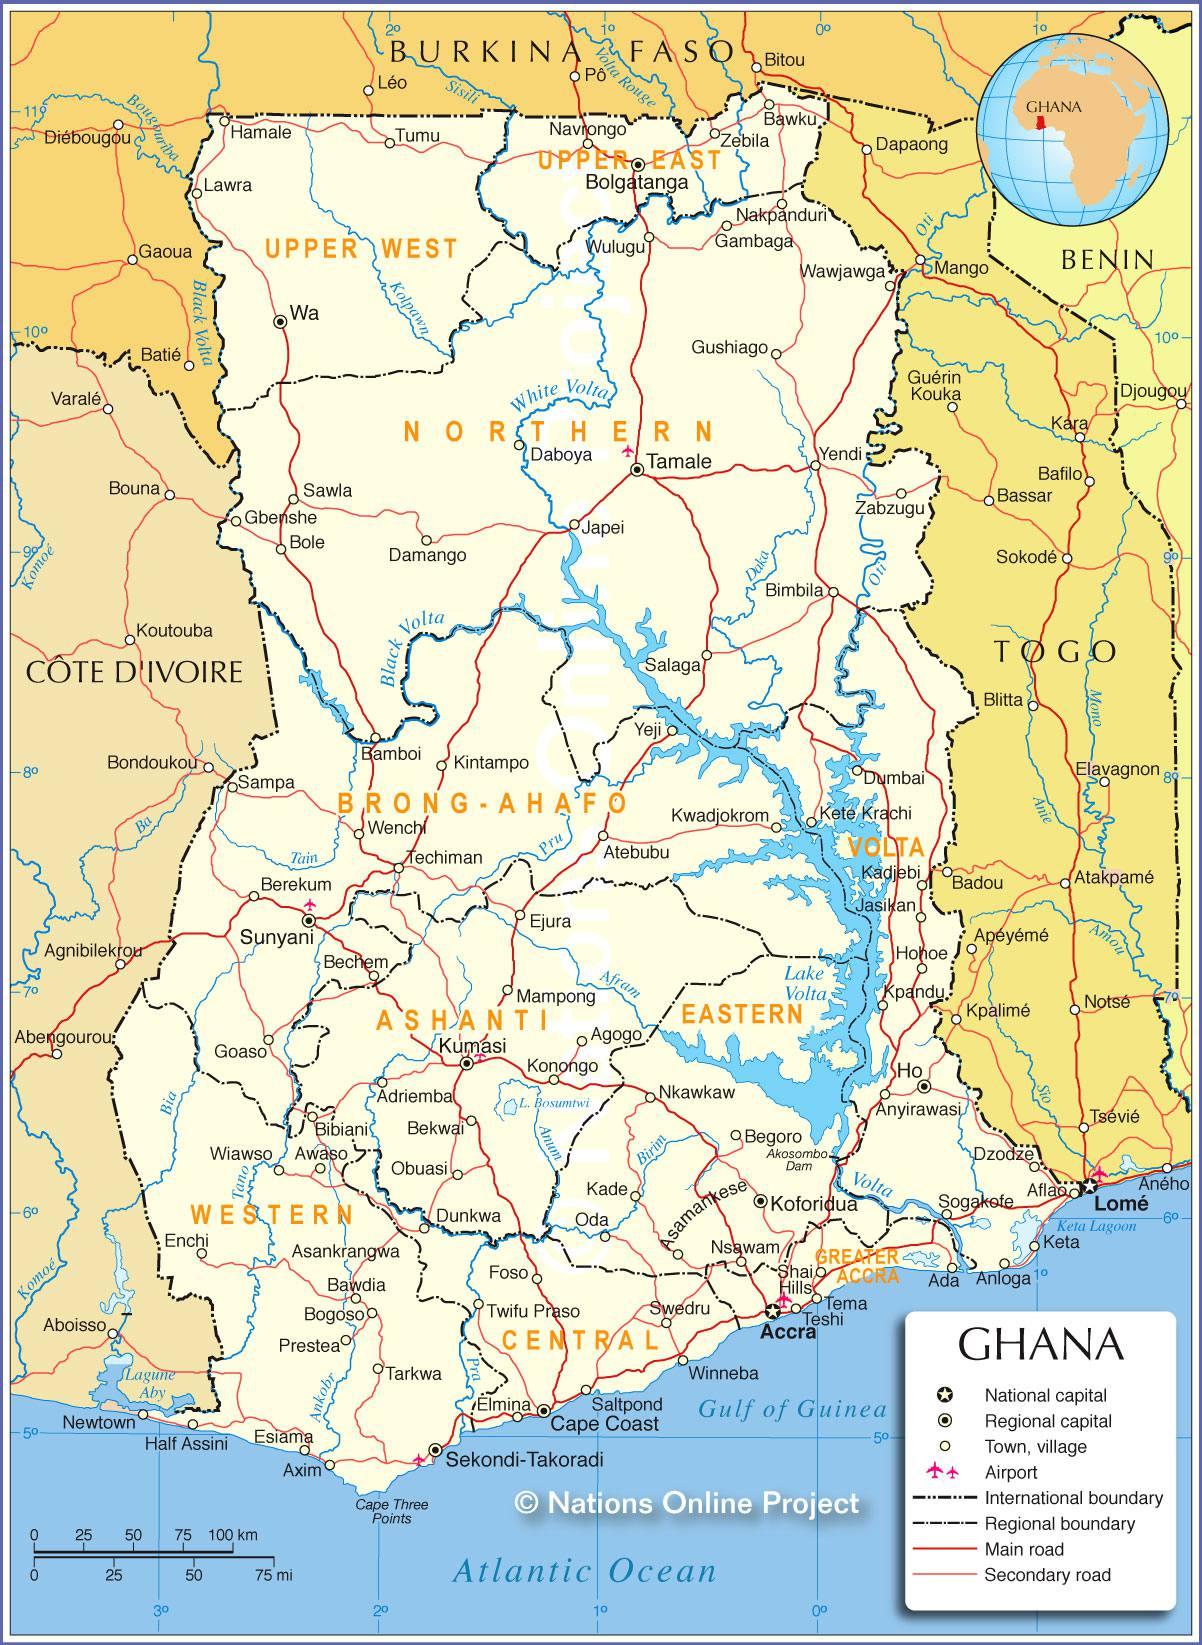 Carte détaillée du Ghana